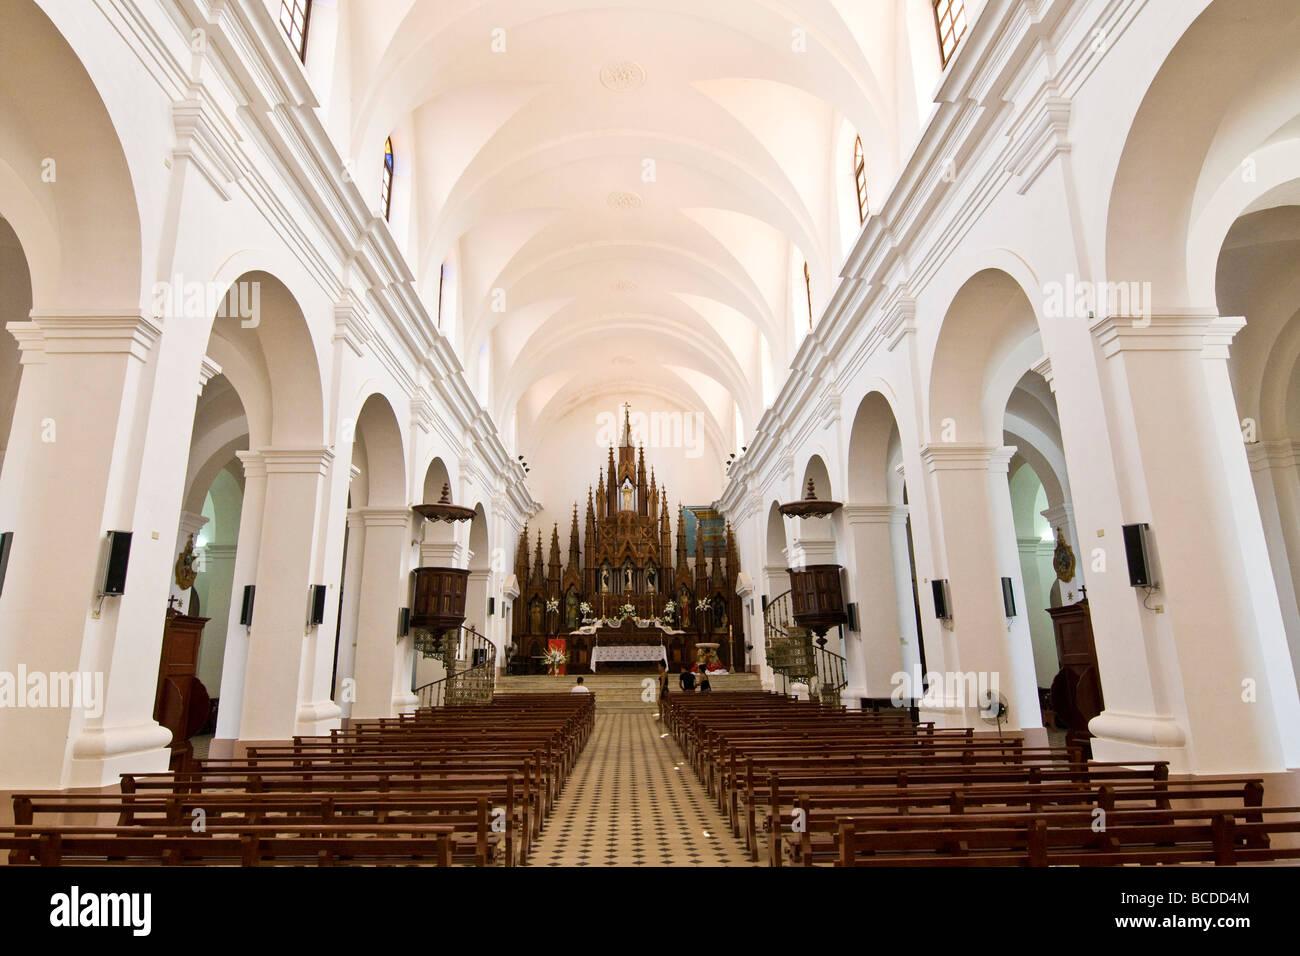 cuba trinidad iglesia parroquial de la santisima trinidad - Stock Image